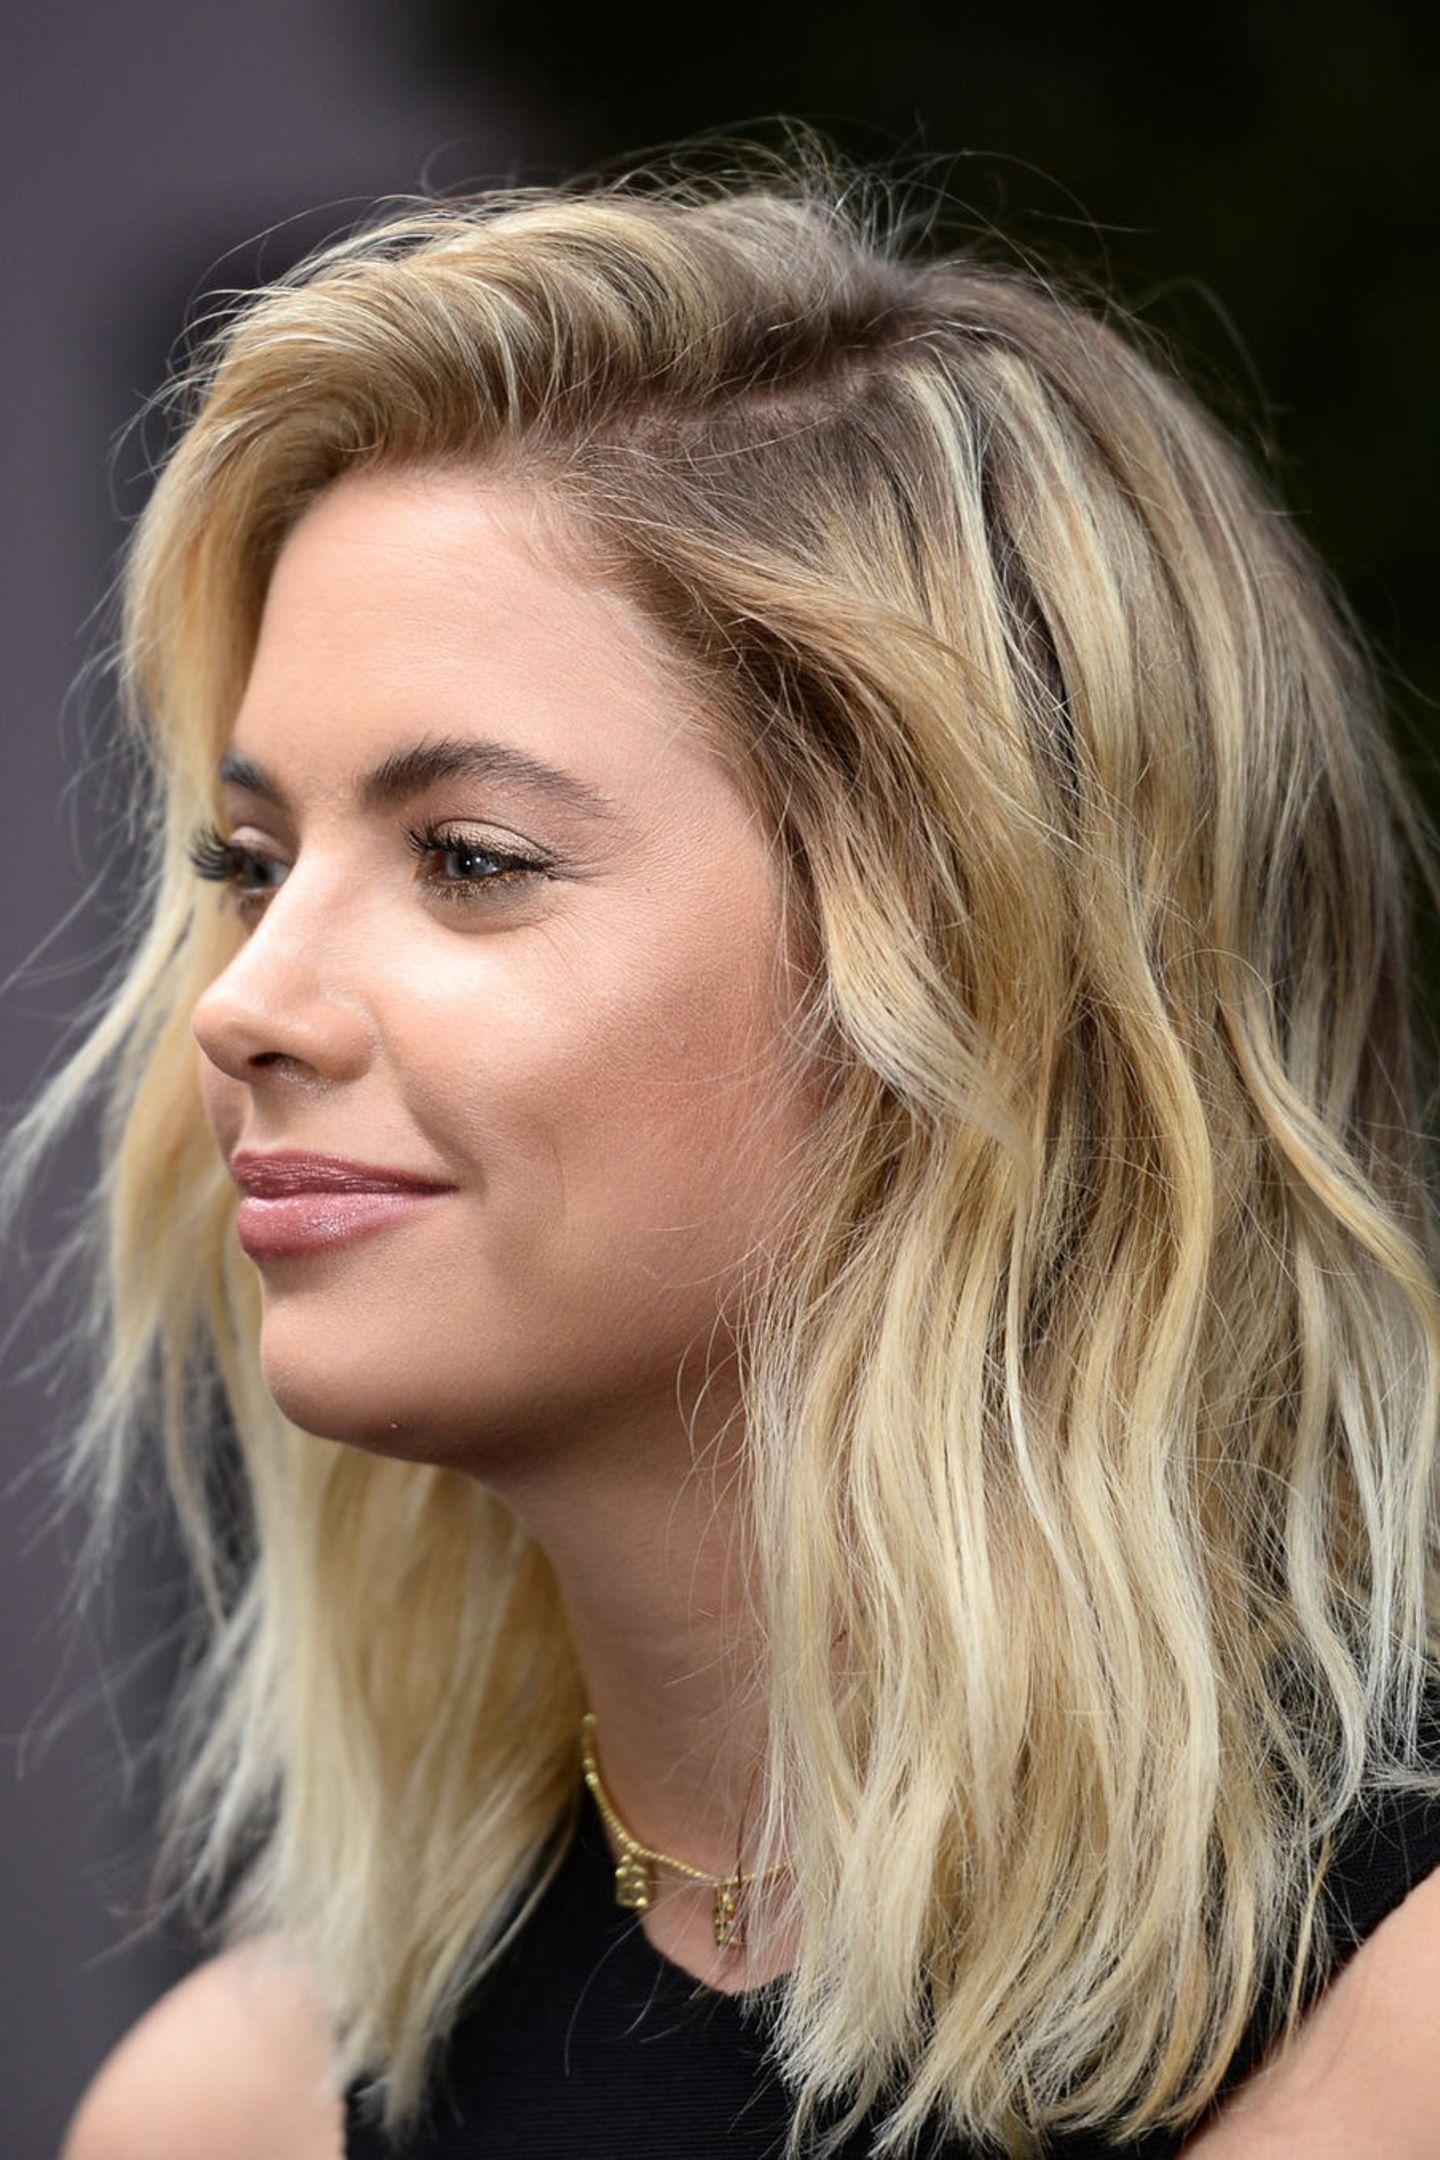 Dunkle kurze haare mit blonden strähnen